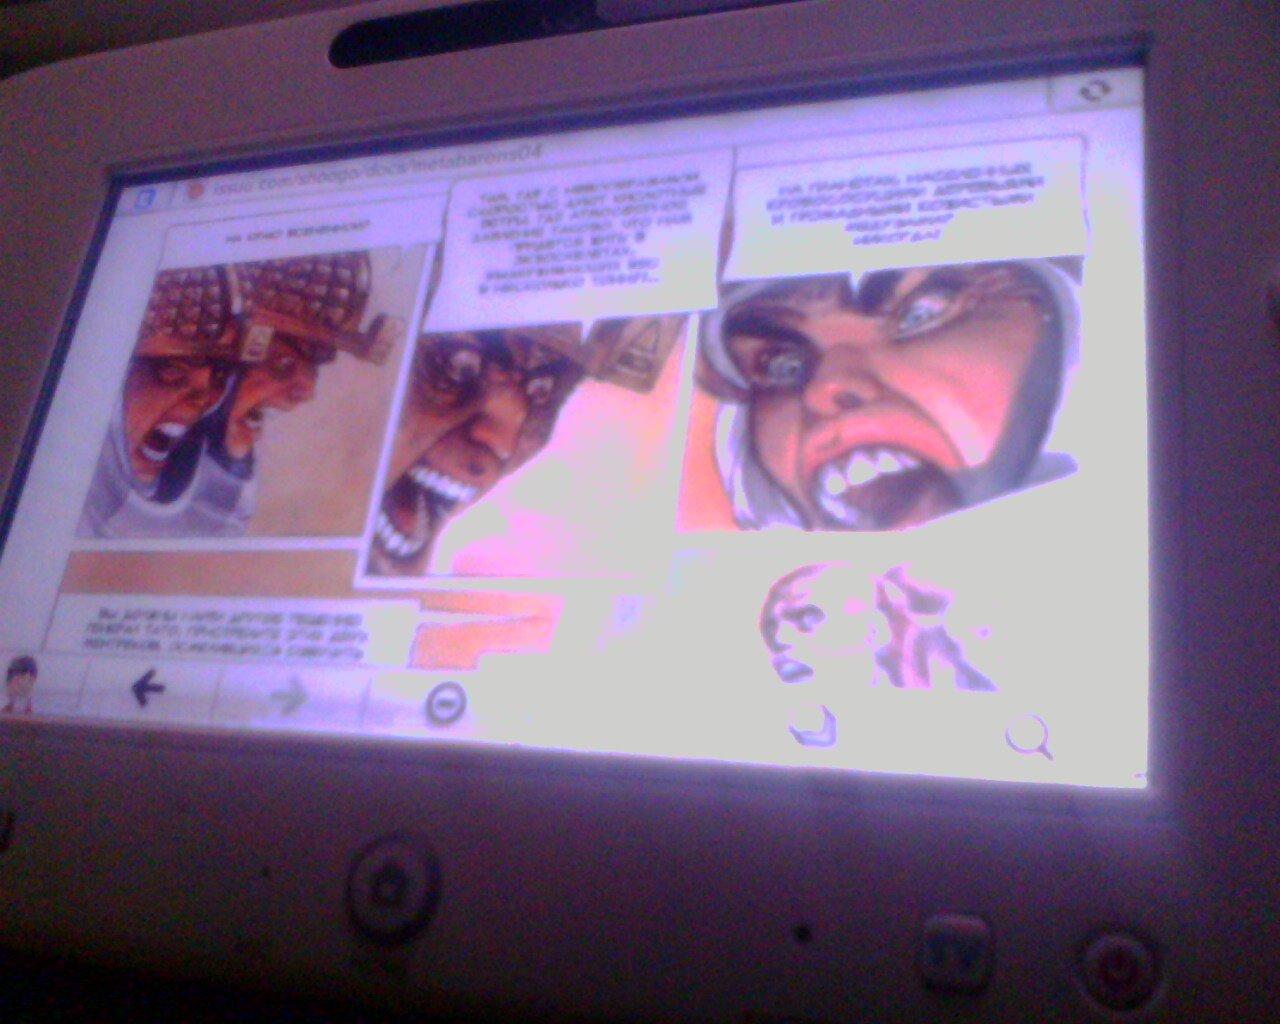 Почему то только сейчас понял как круто на WiiU комиксы глядеть - Изображение 1